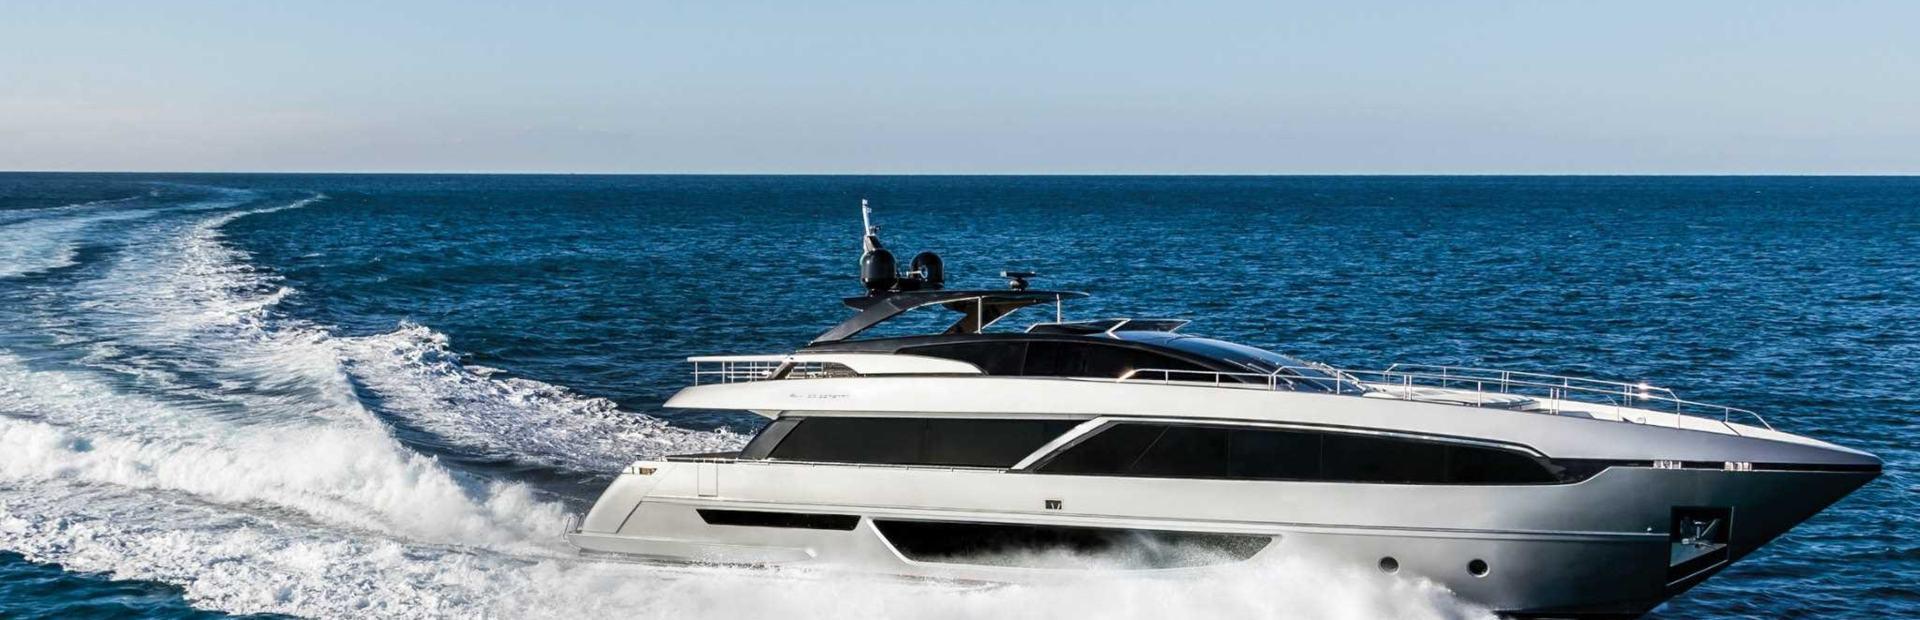 100' Corsaro Yacht Charter